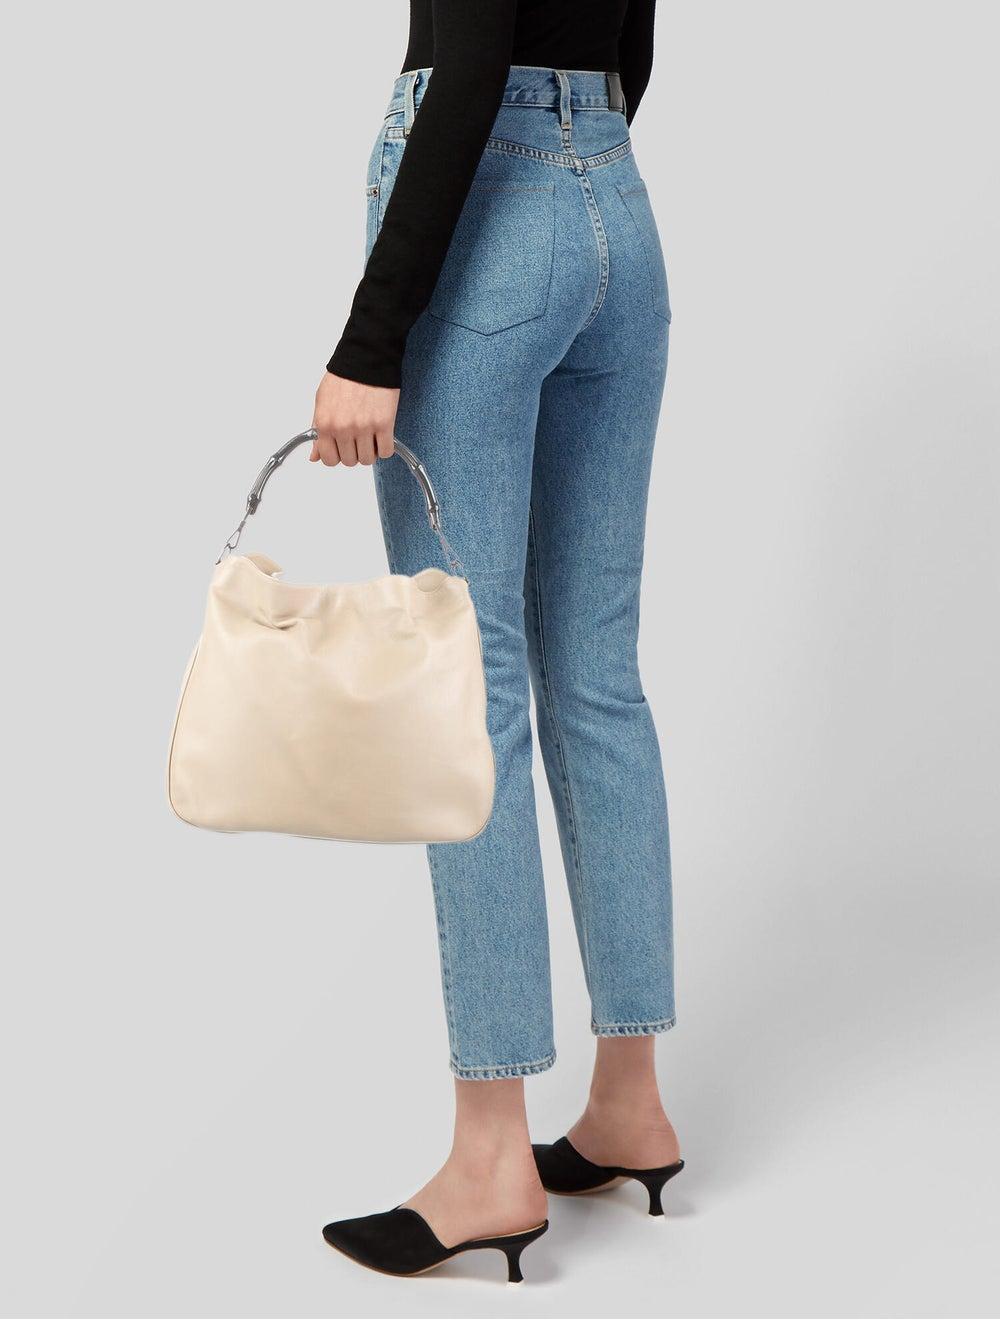 Gucci Medium Diana Bamboo Shoulder Bag Silver - image 2